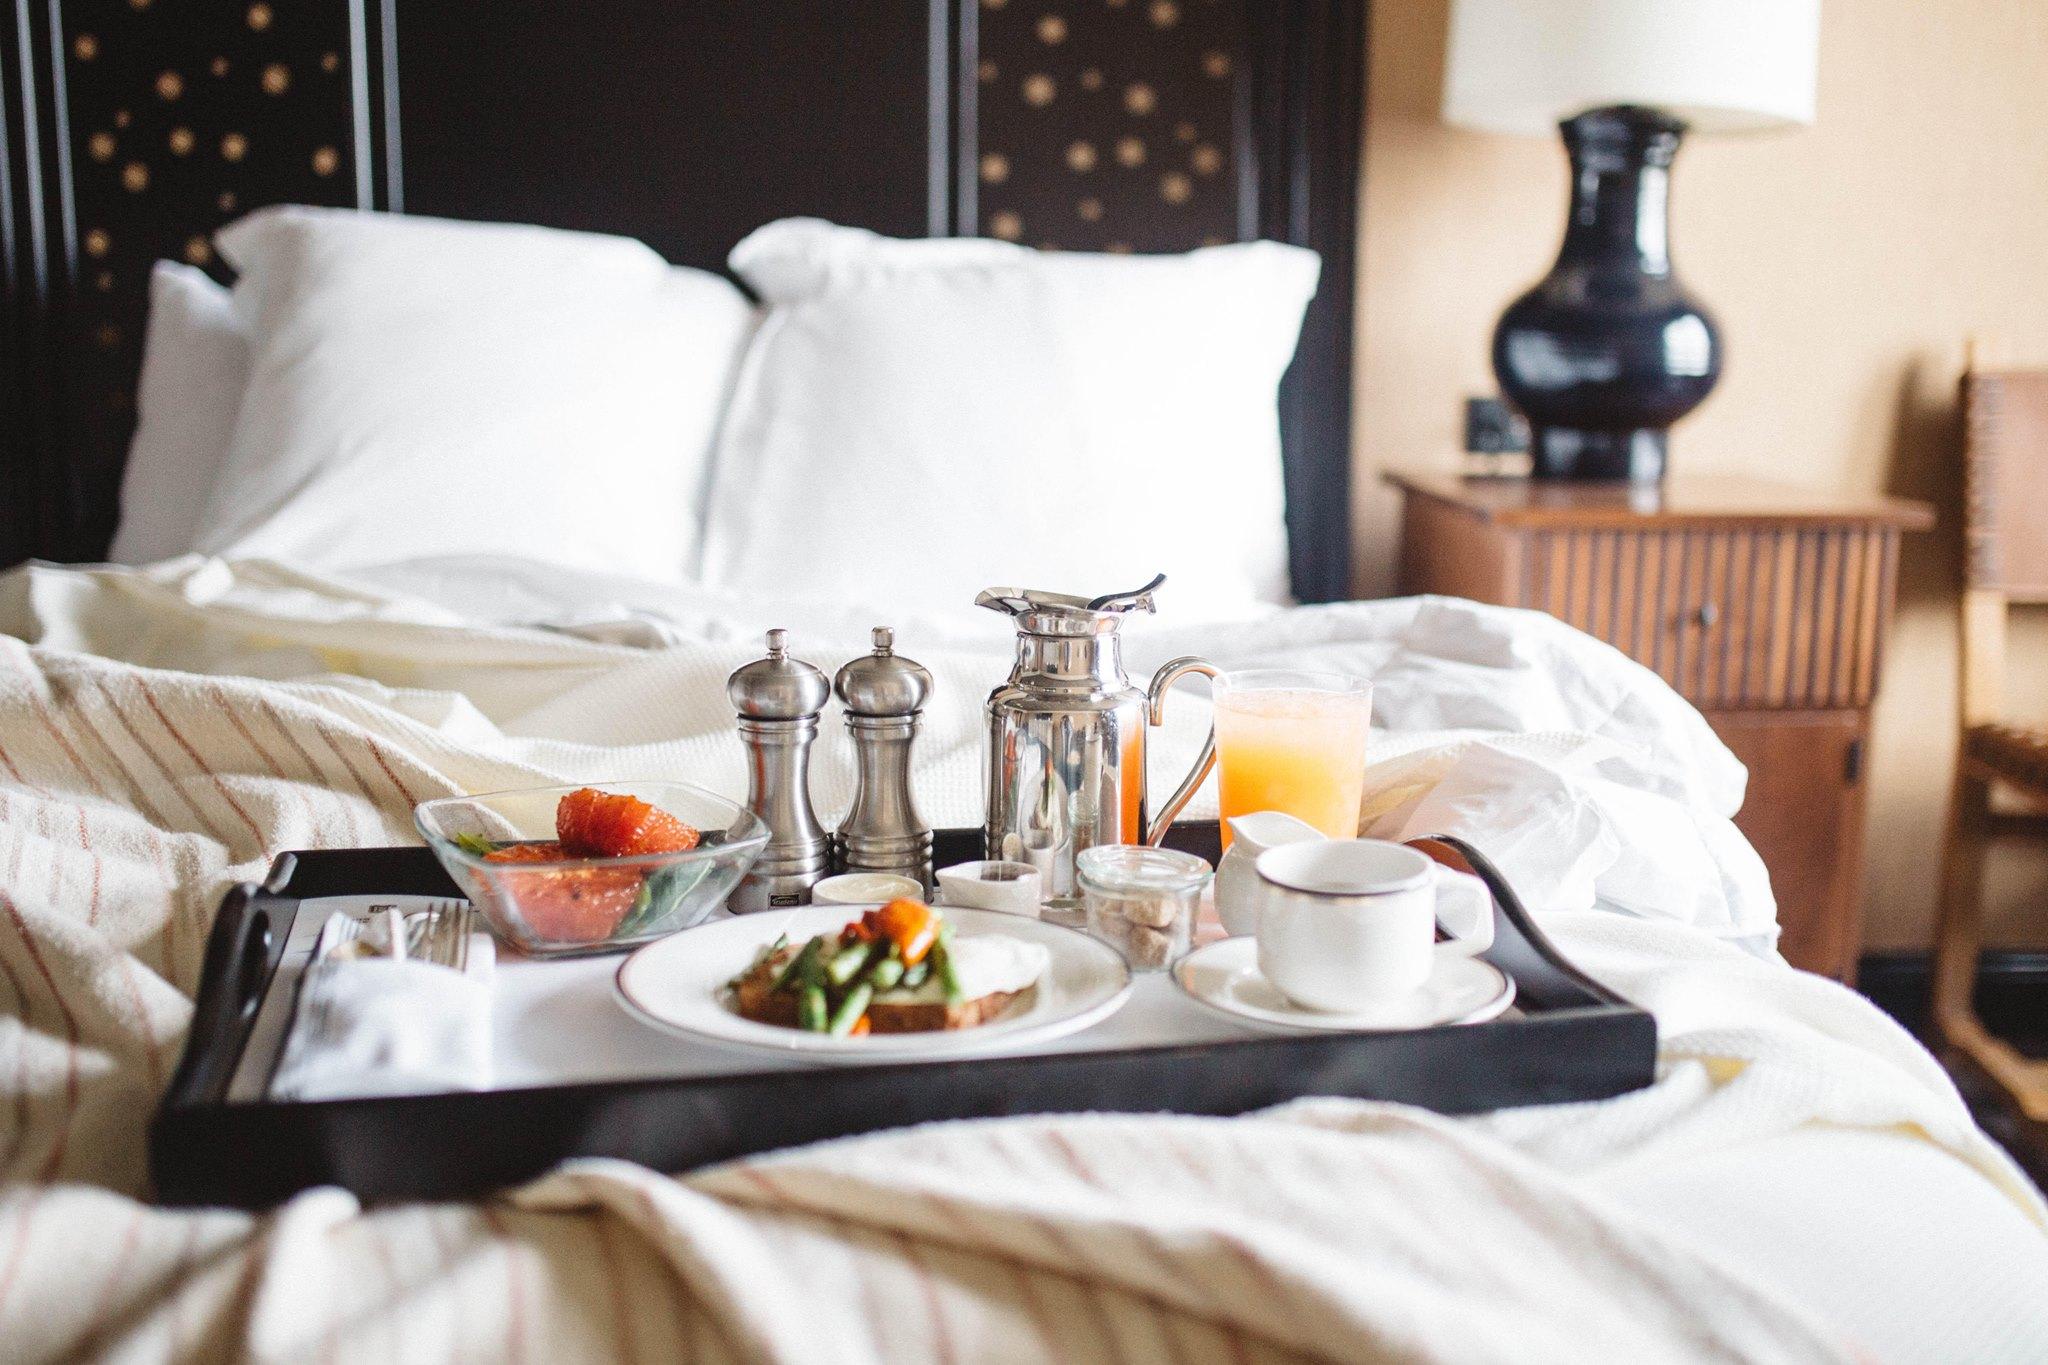 Hotel Emma Room Service.jpg